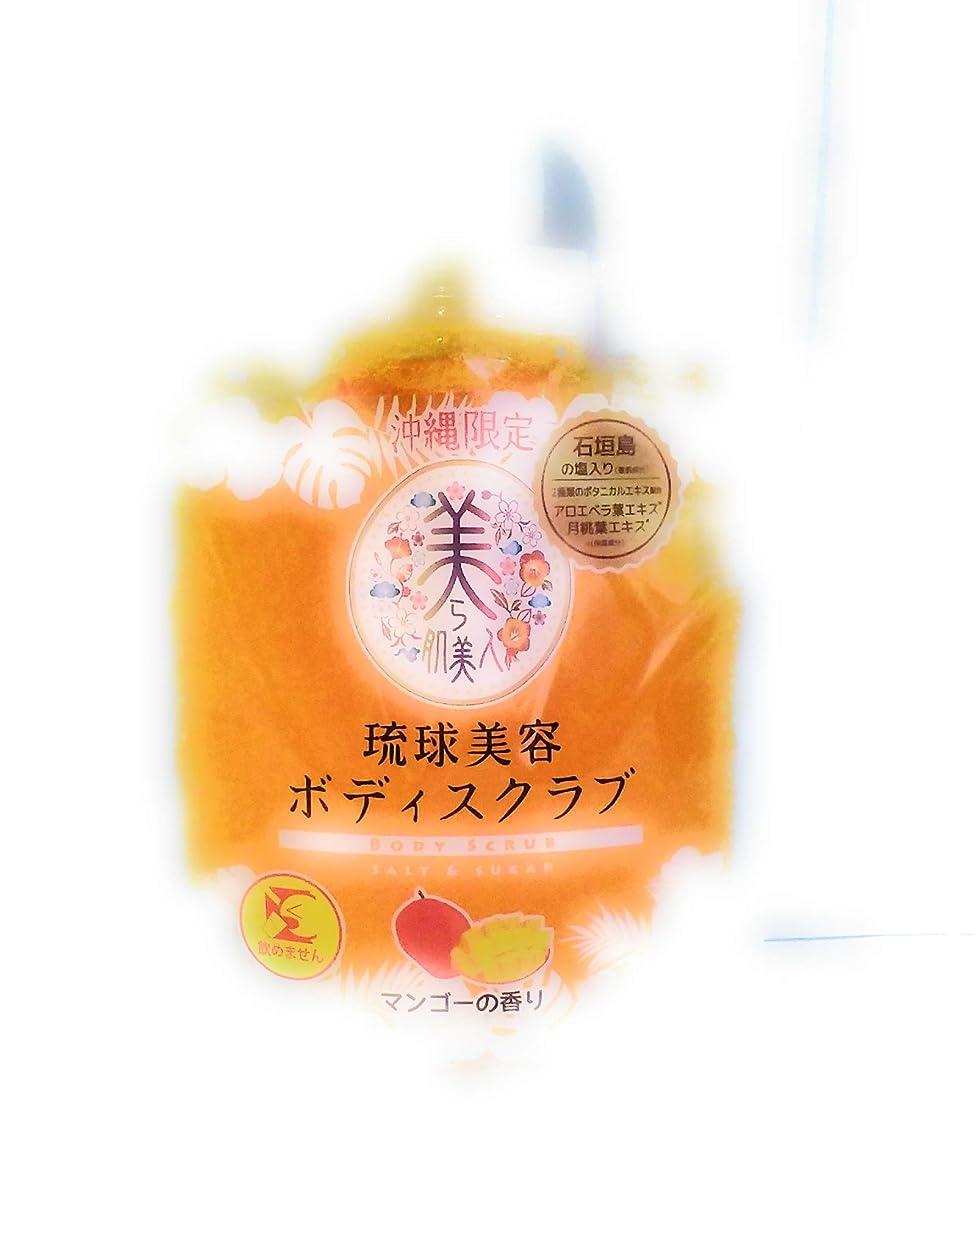 排除するネットびっくり沖縄限定 美ら肌美人 琉球美容ボディスクラブ マンゴーの香り